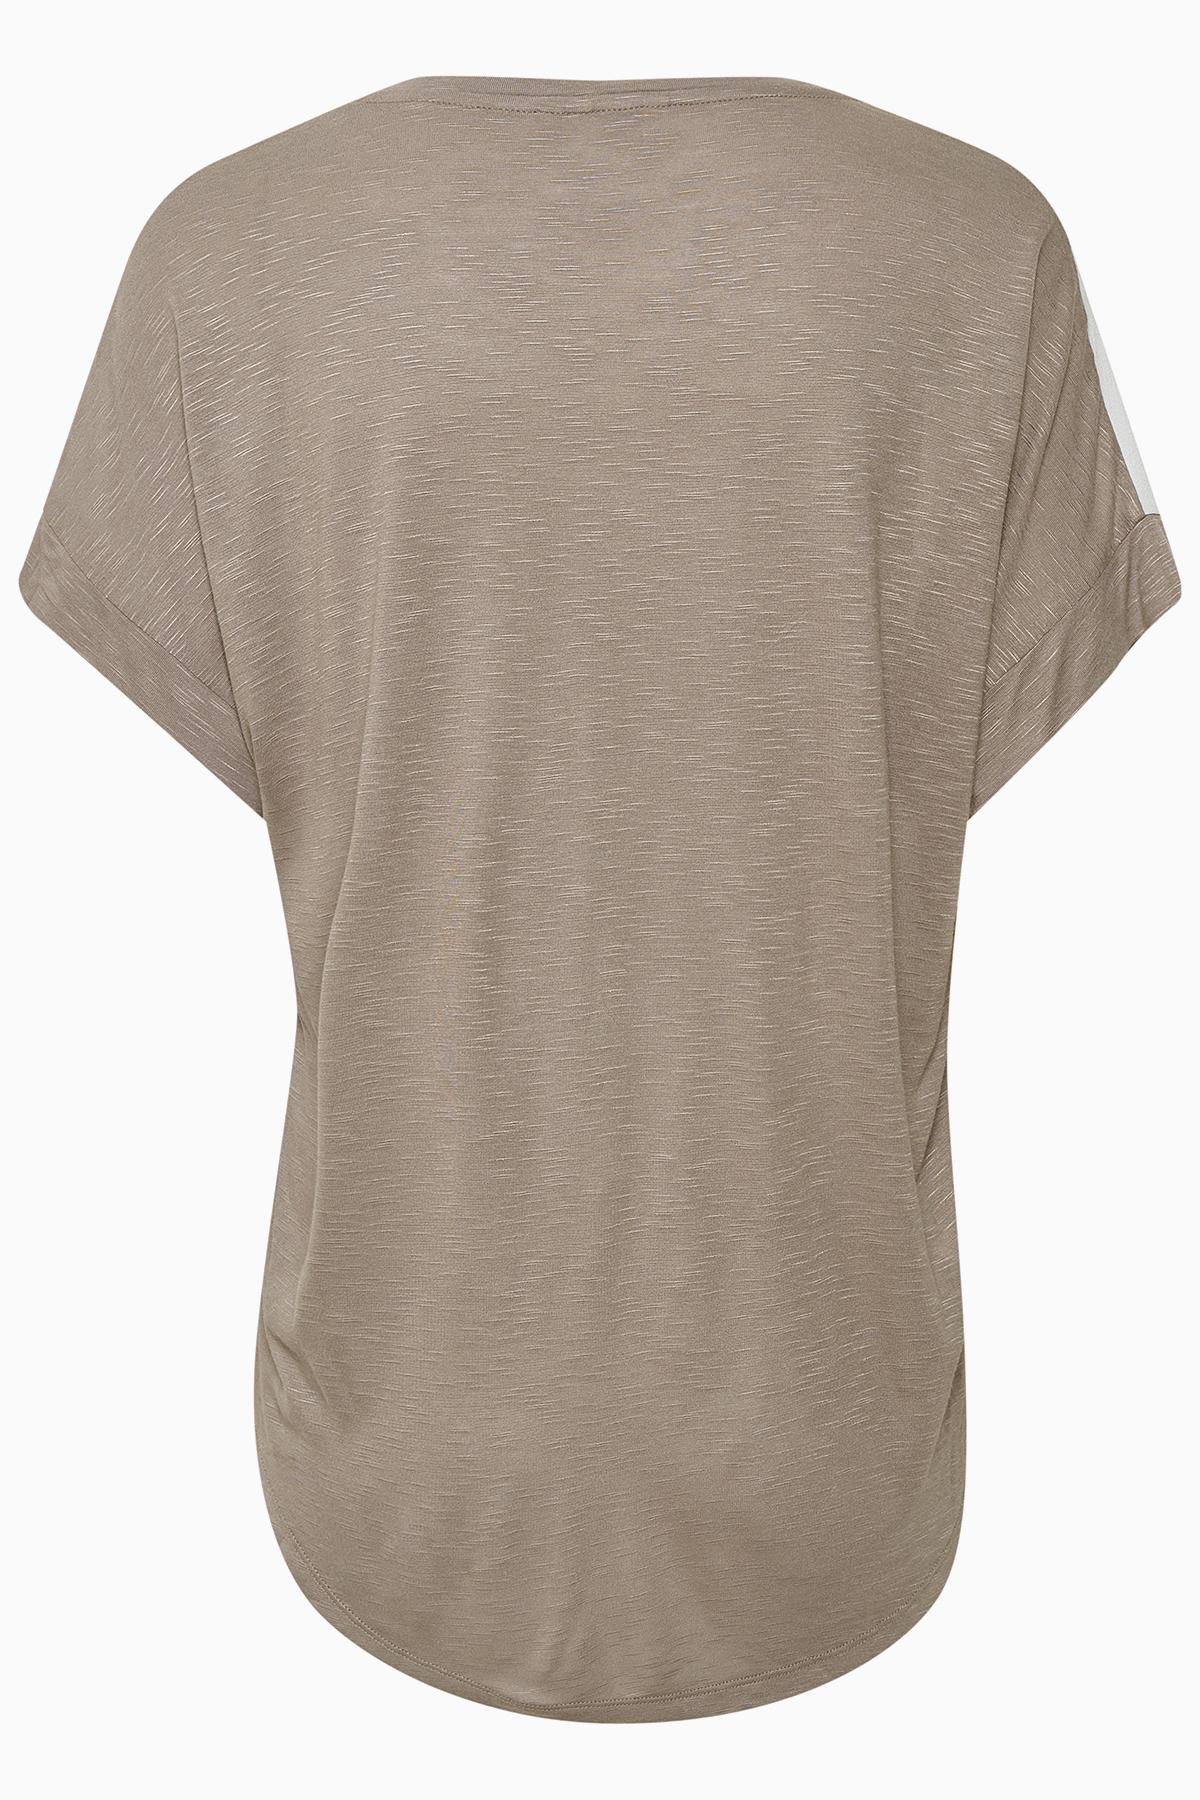 Wollweiss/sand Kurzarm-Bluse von Bon'A Parte – Shoppen SieWollweiss/sand Kurzarm-Bluse ab Gr. S-2XL hier